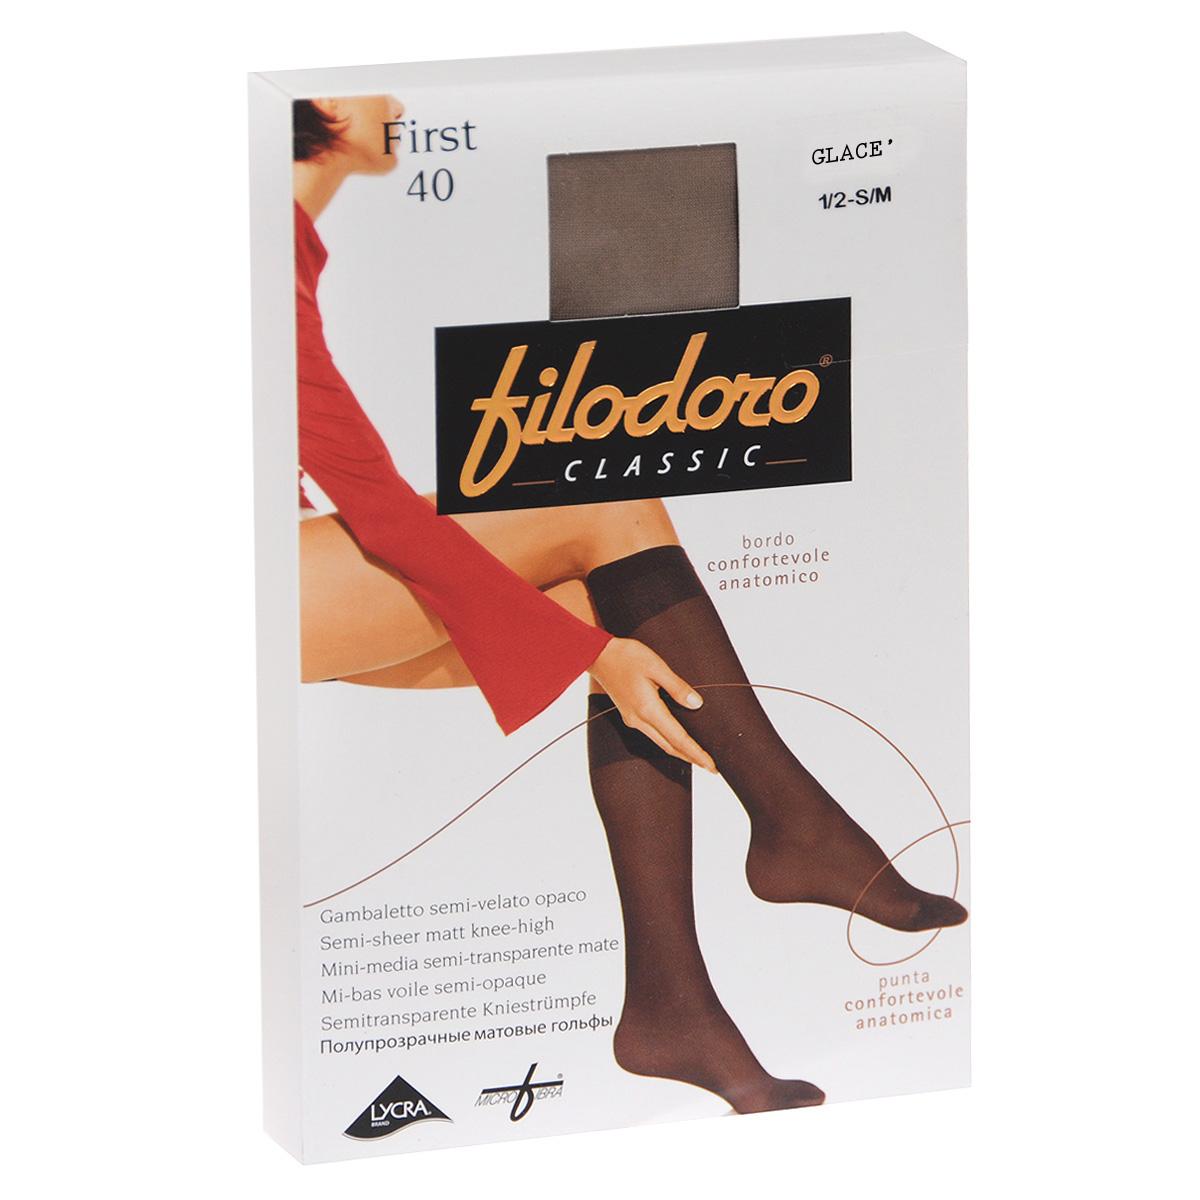 Гольфы женские Filodoro Classic First 40, цвет: Glace (коричневый). C110309FC. Размер 1/2 (S/M)C110309FCТонкие матовые эластичные гольфы Filodoro Classic First, с комфортной резинкой дифференцированной конструкции, укрепленным мыском. Плотность: 40 den.